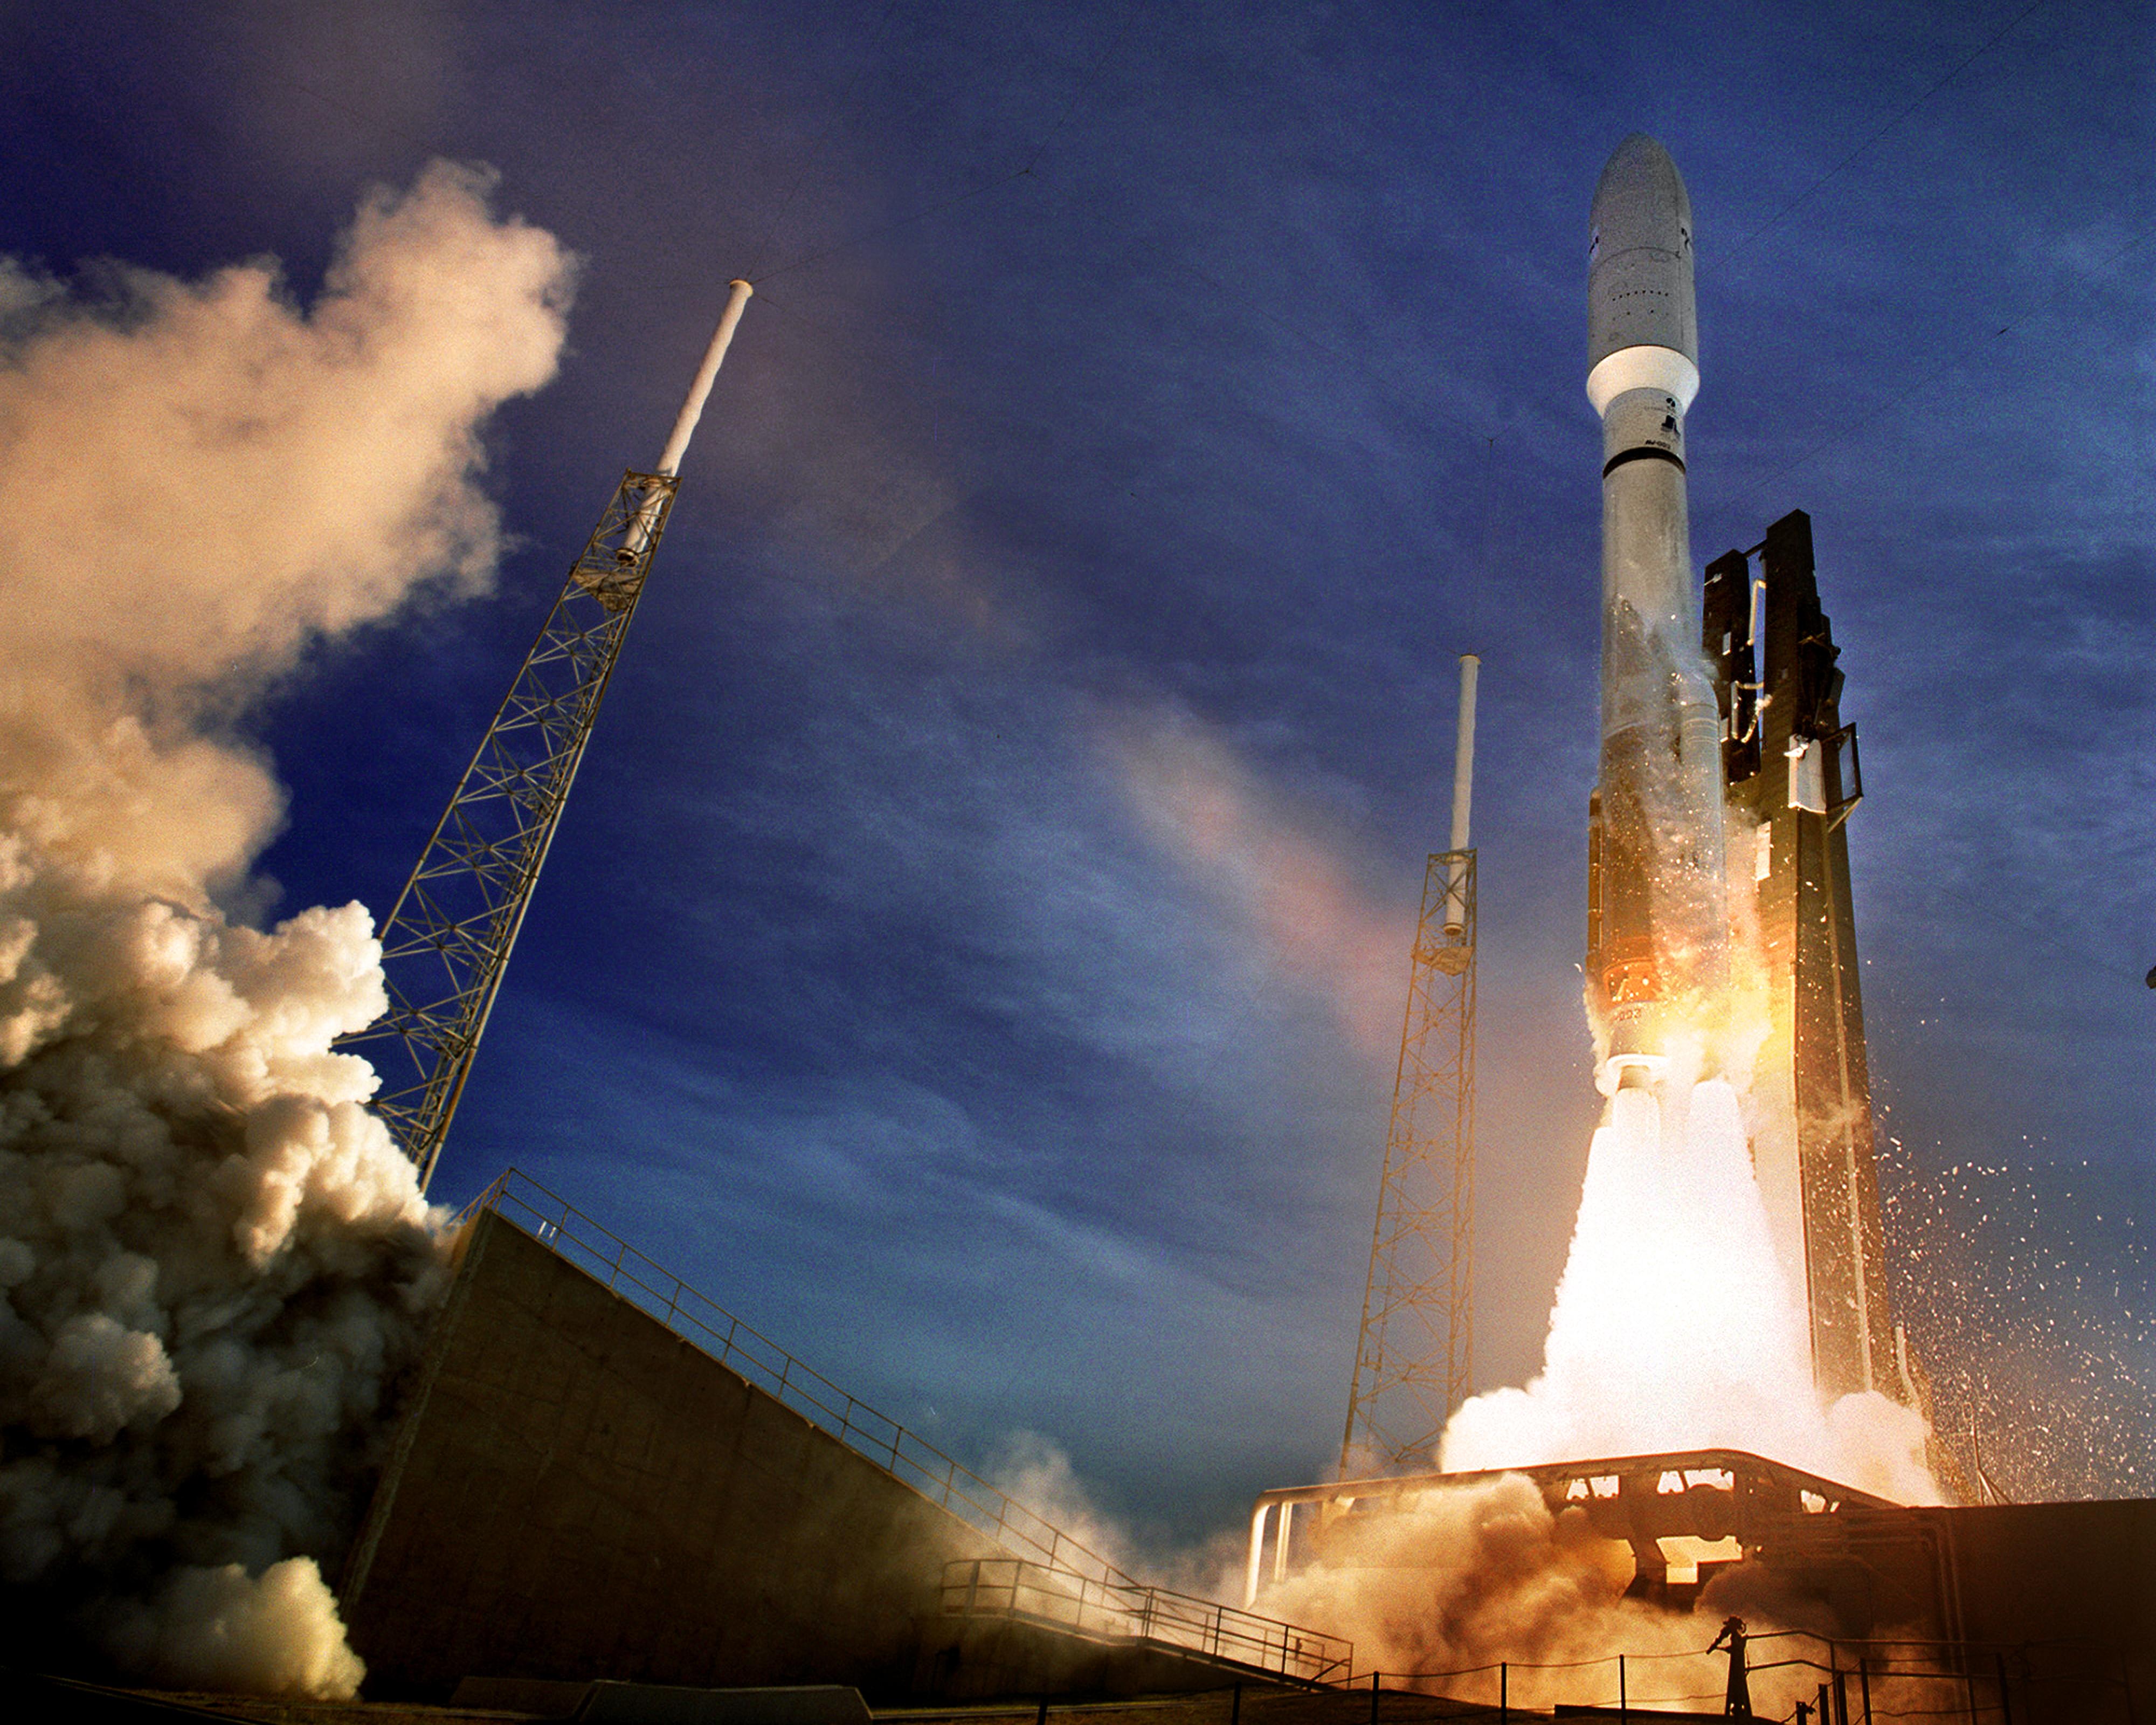 AV003 Launch